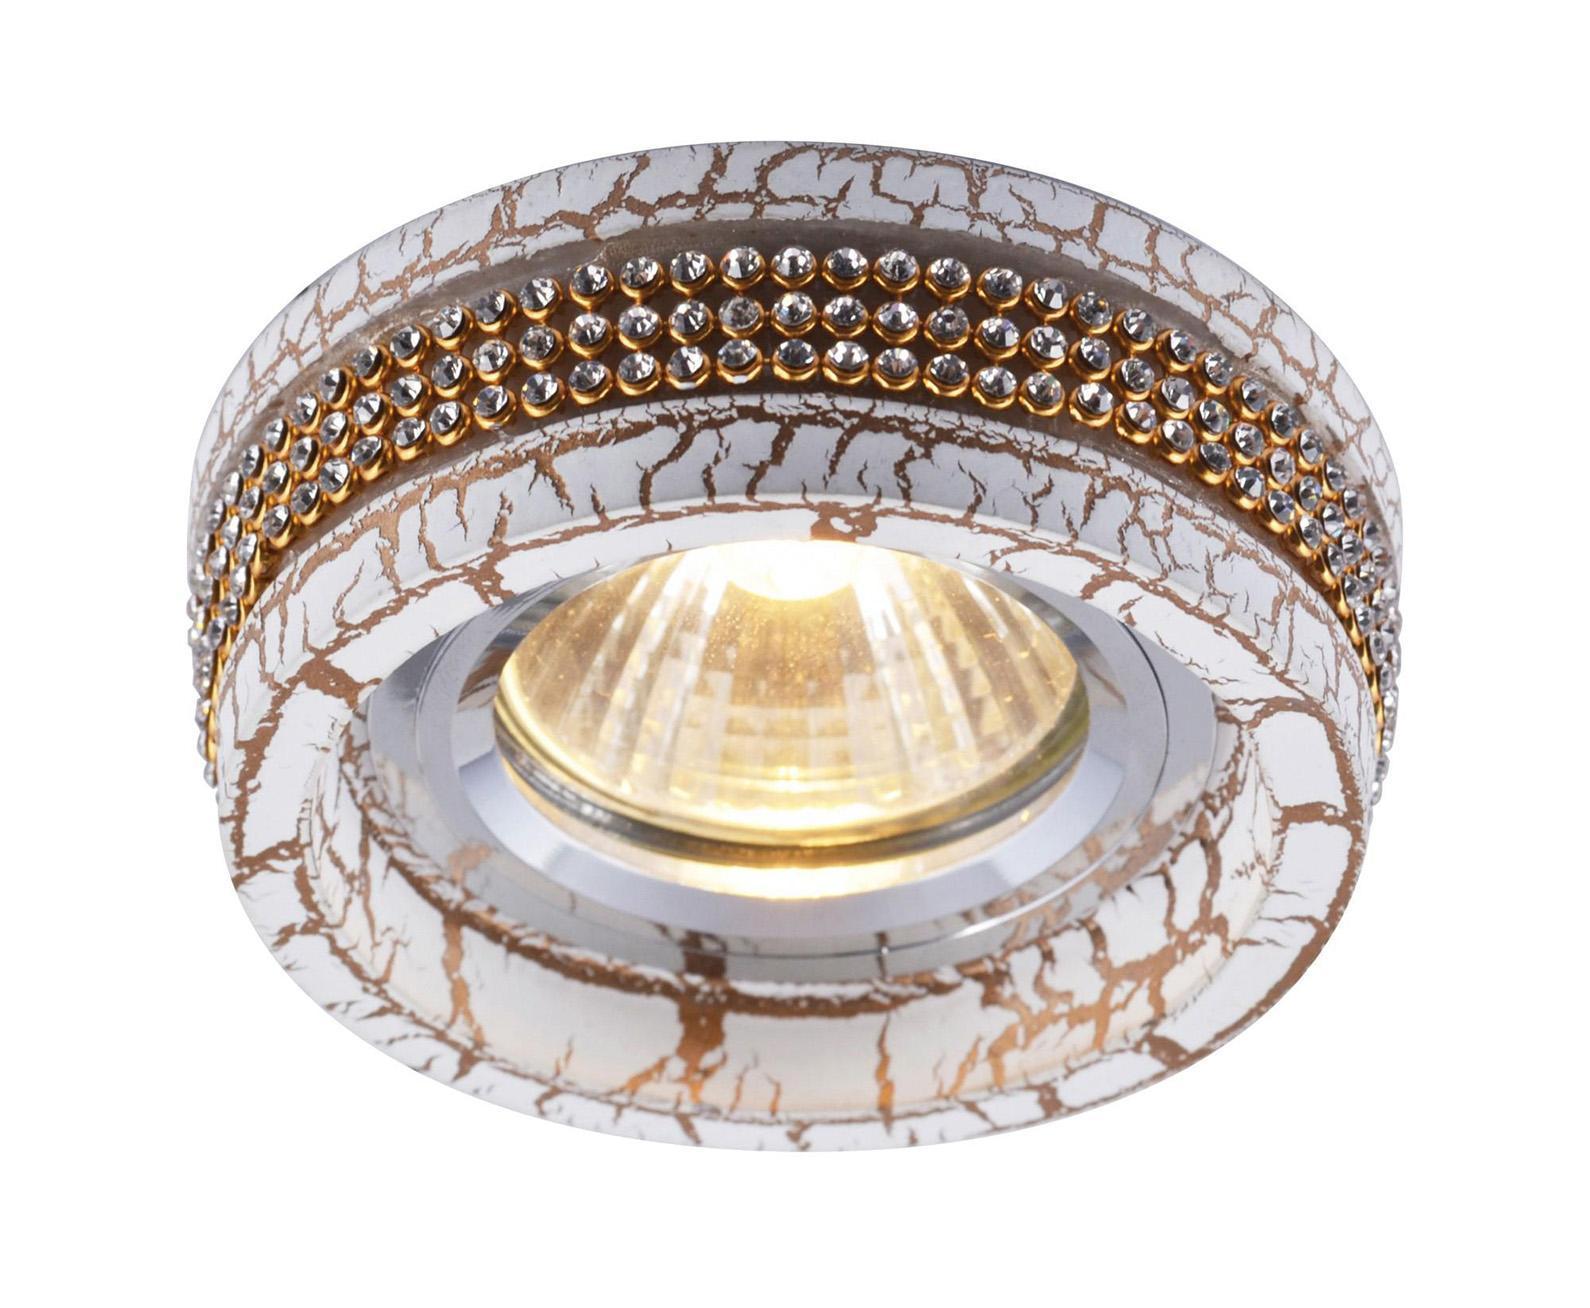 Светильник встраиваемый Arte lamp A5310pl-1wg встраеваемый точечный светильник a5310pl 1wg terracotta arte lamp 1012888